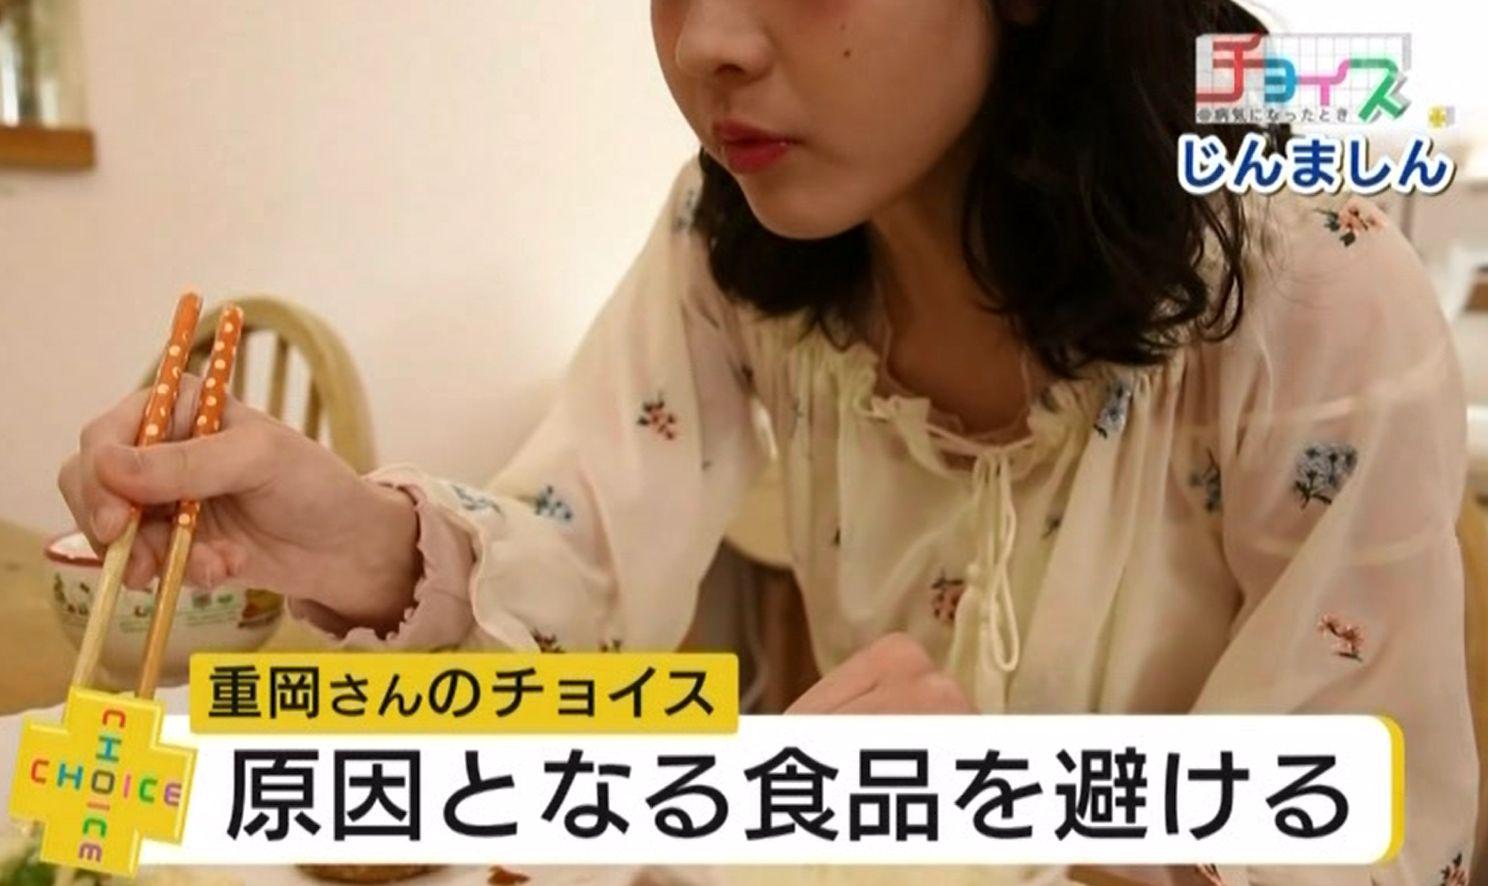 アレルギーによってじんましんが起きる重岡さんは、原因となる食品を慎重に避けるよう注意している